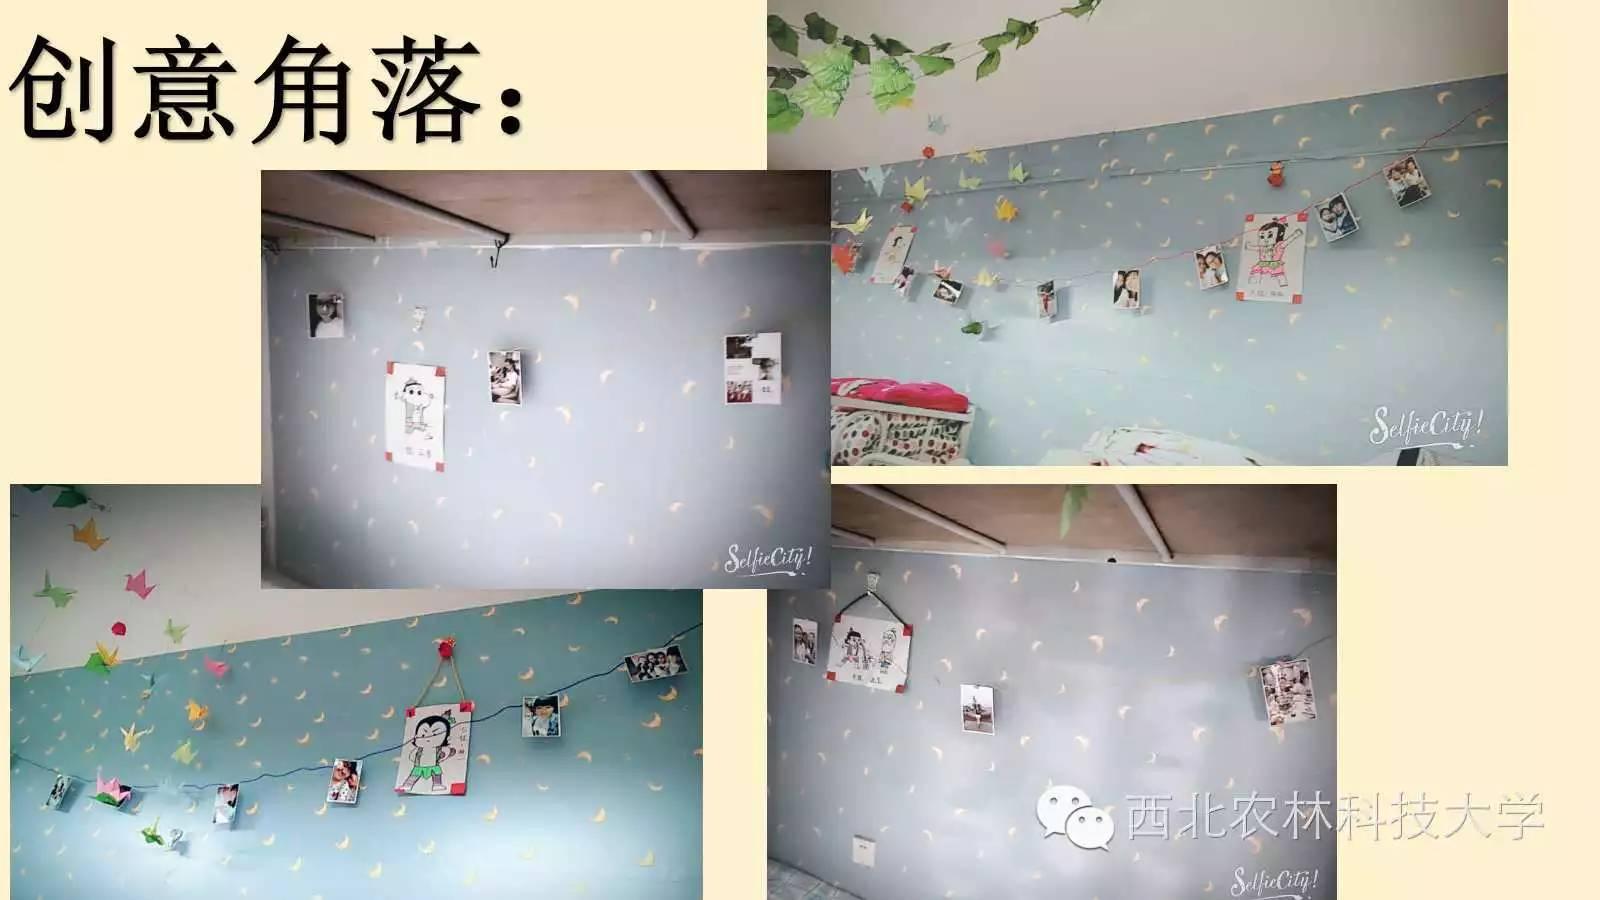 西农最美创意宿舍图片